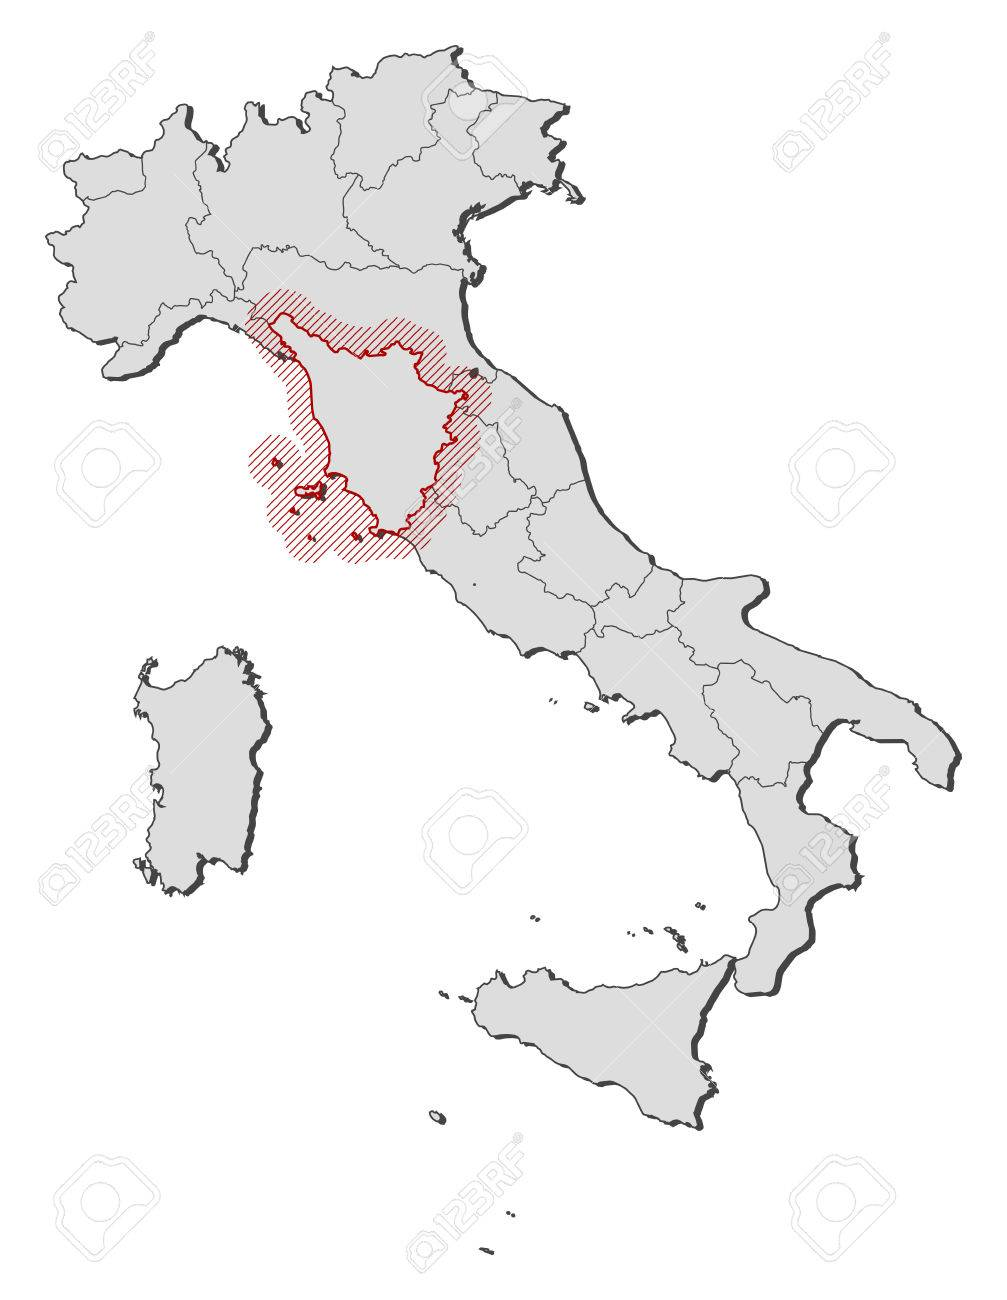 Cartina Regione Toscana Con Province.Vettoriale Mappa D Italia Con Le Province La Toscana E Evidenziato Da Un Tratteggio Image 58074110